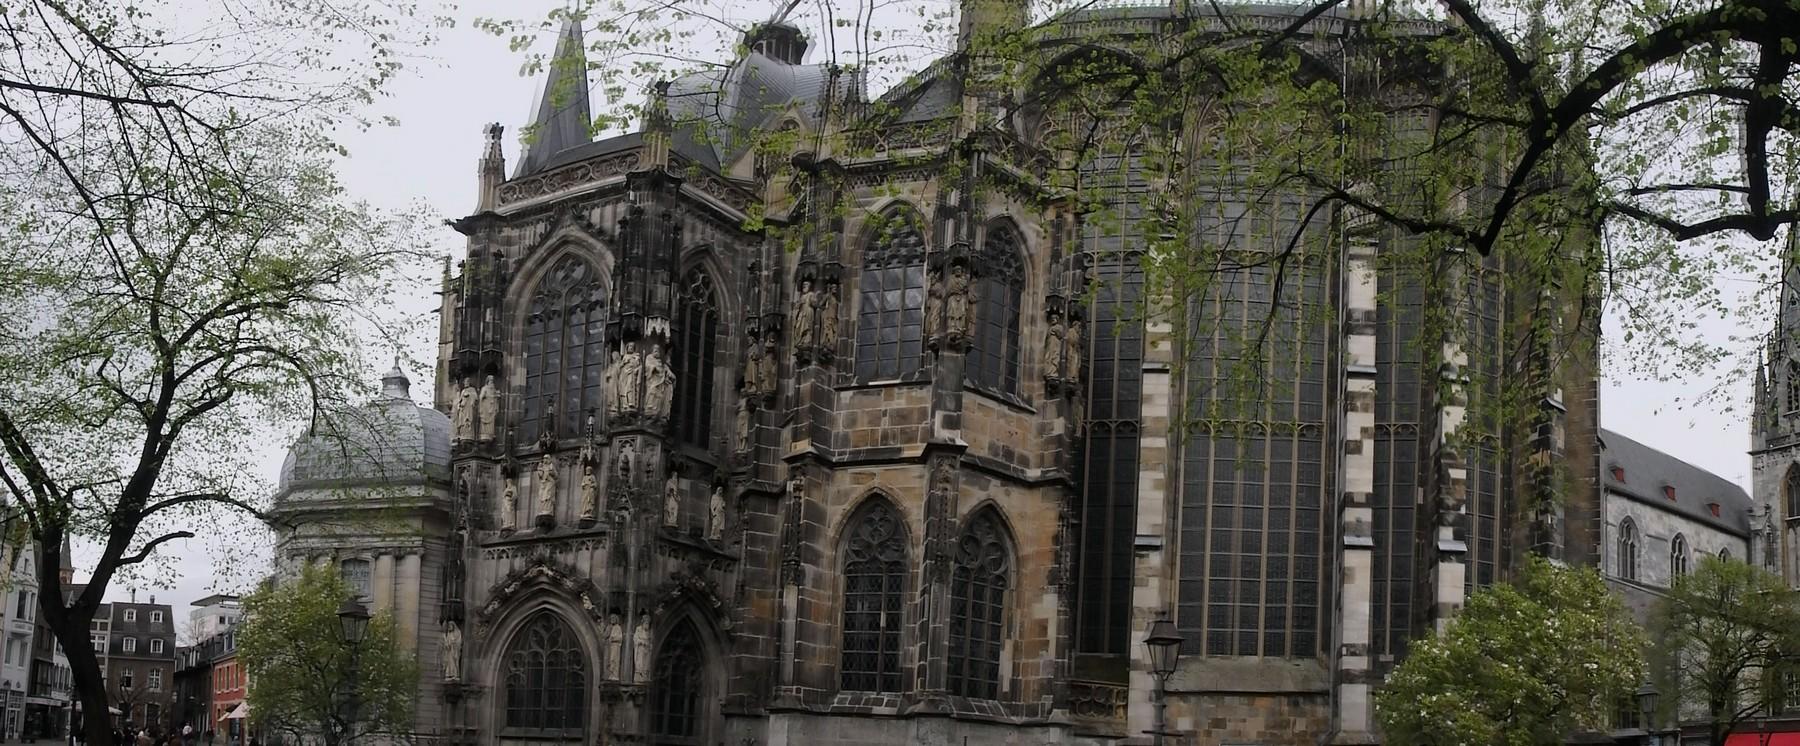 P4035166 Pano Catedral de Aquisgran